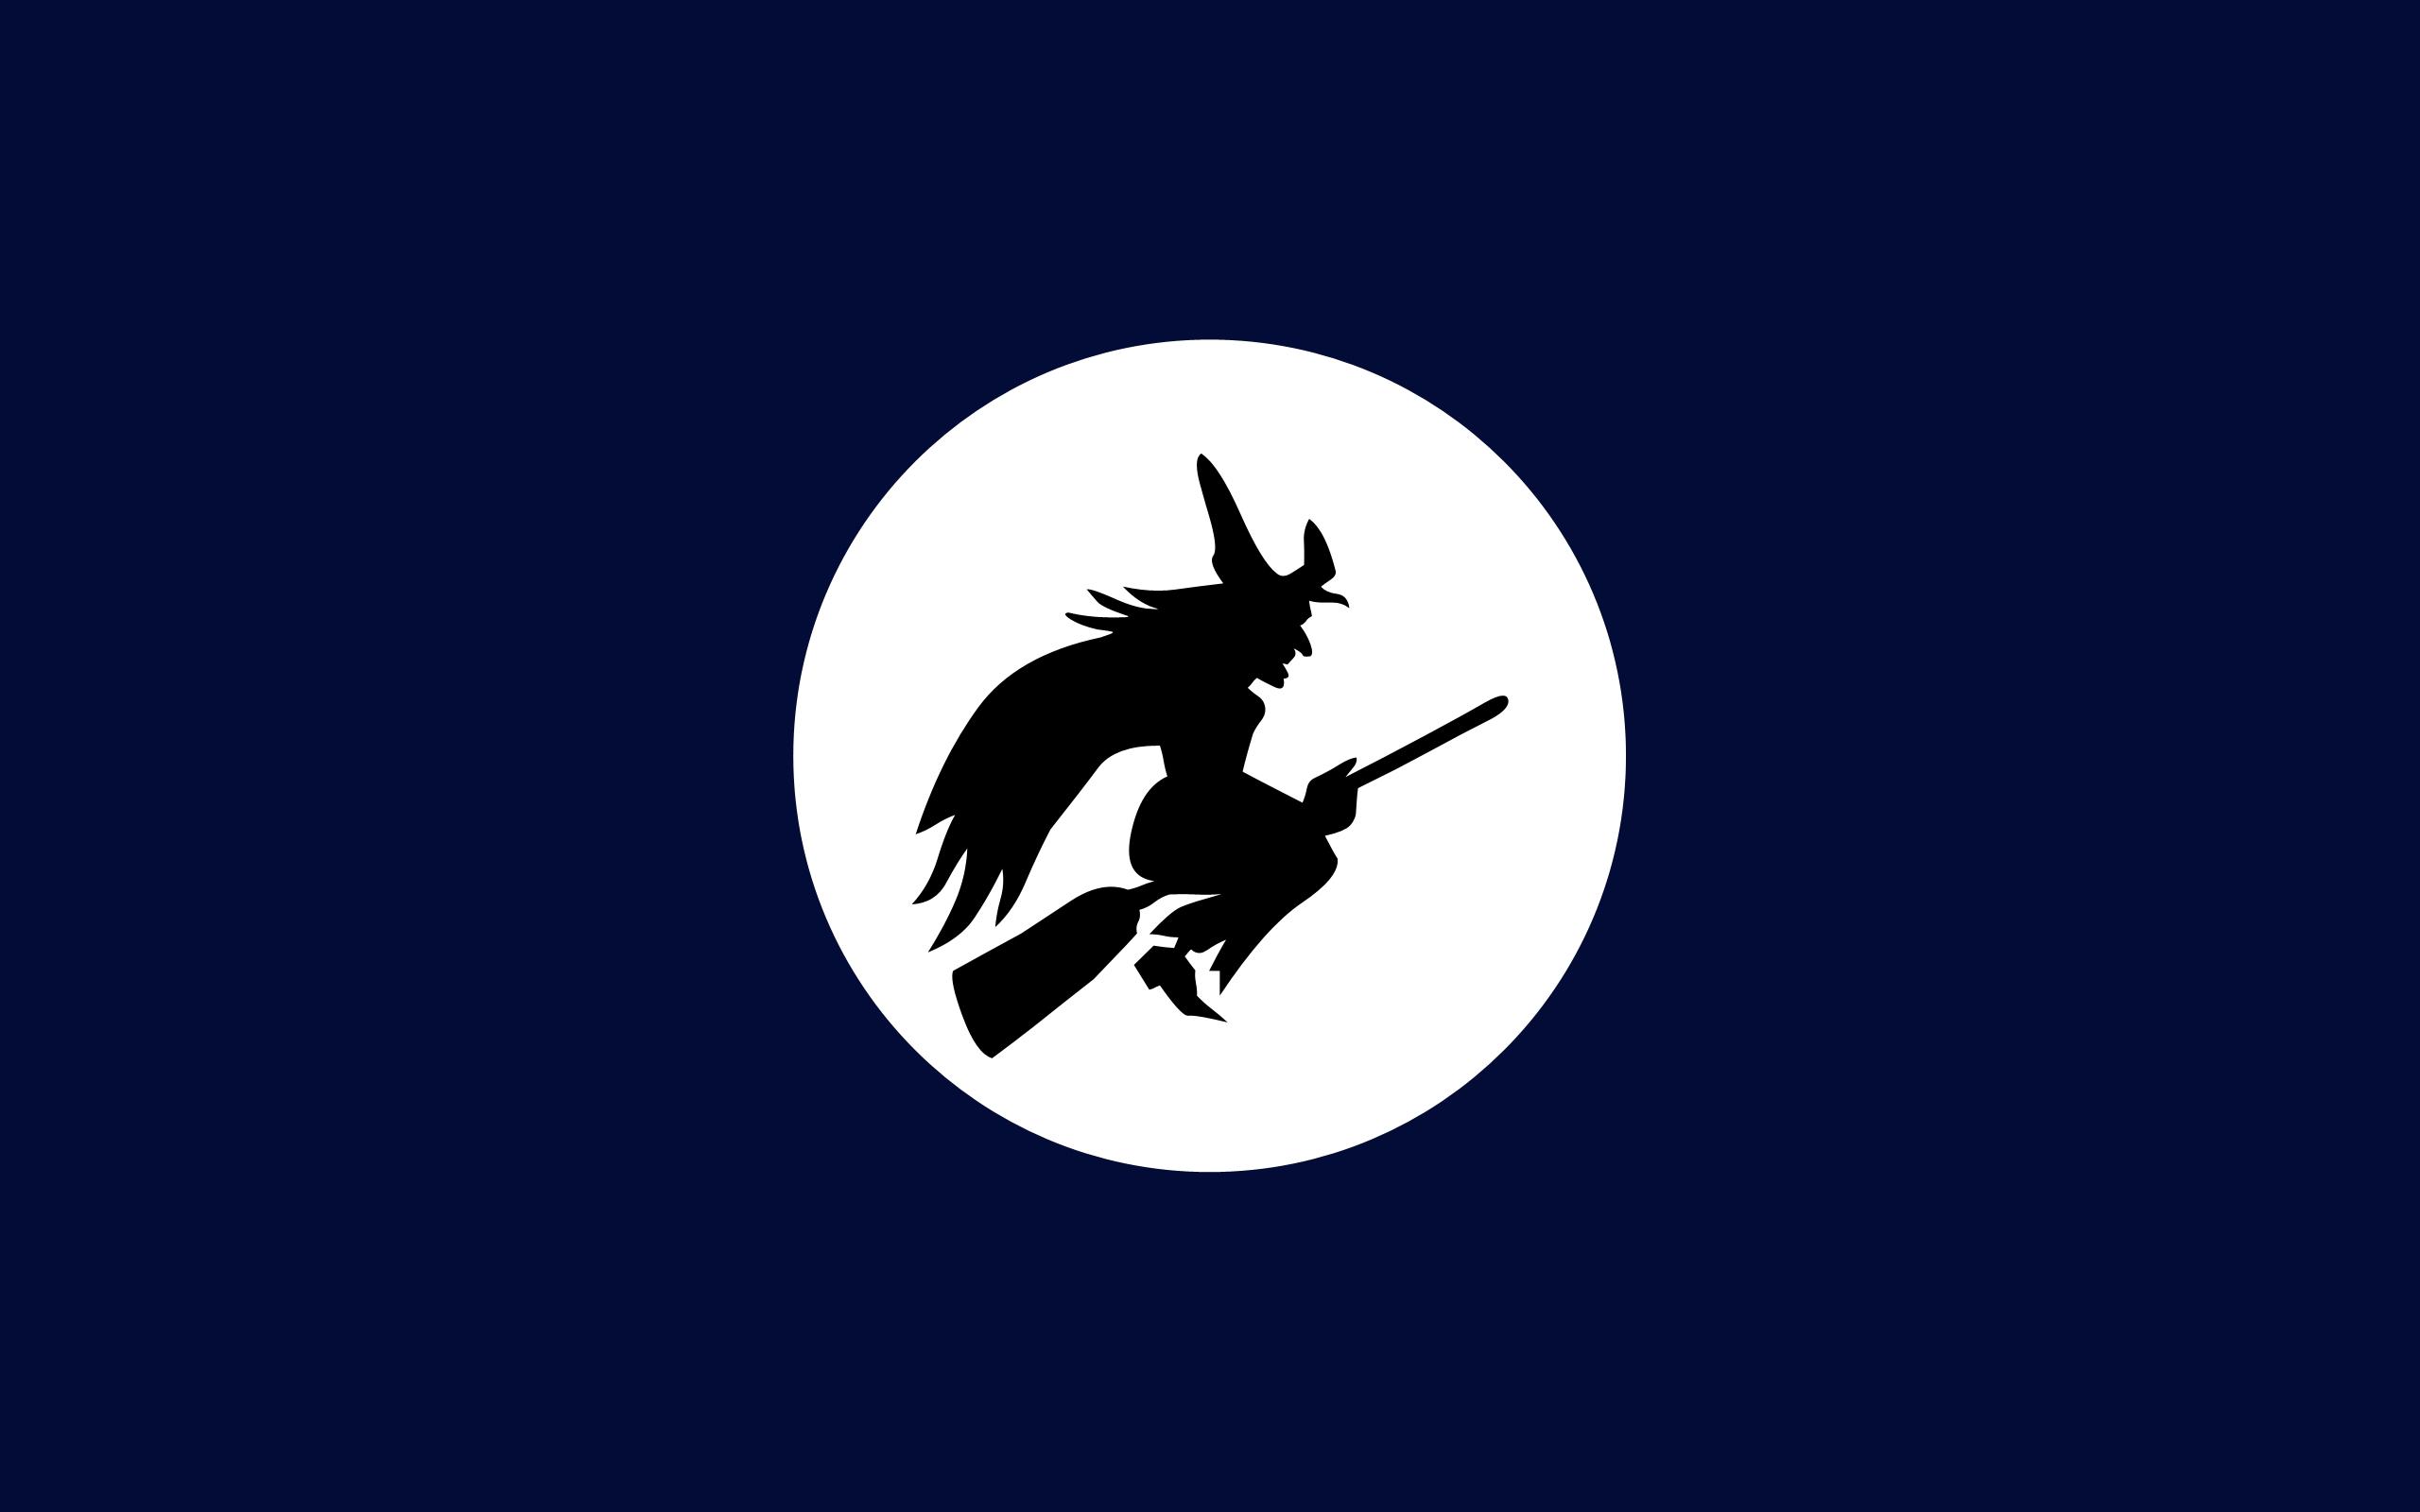 Bruja y luna llena - 2560x1600